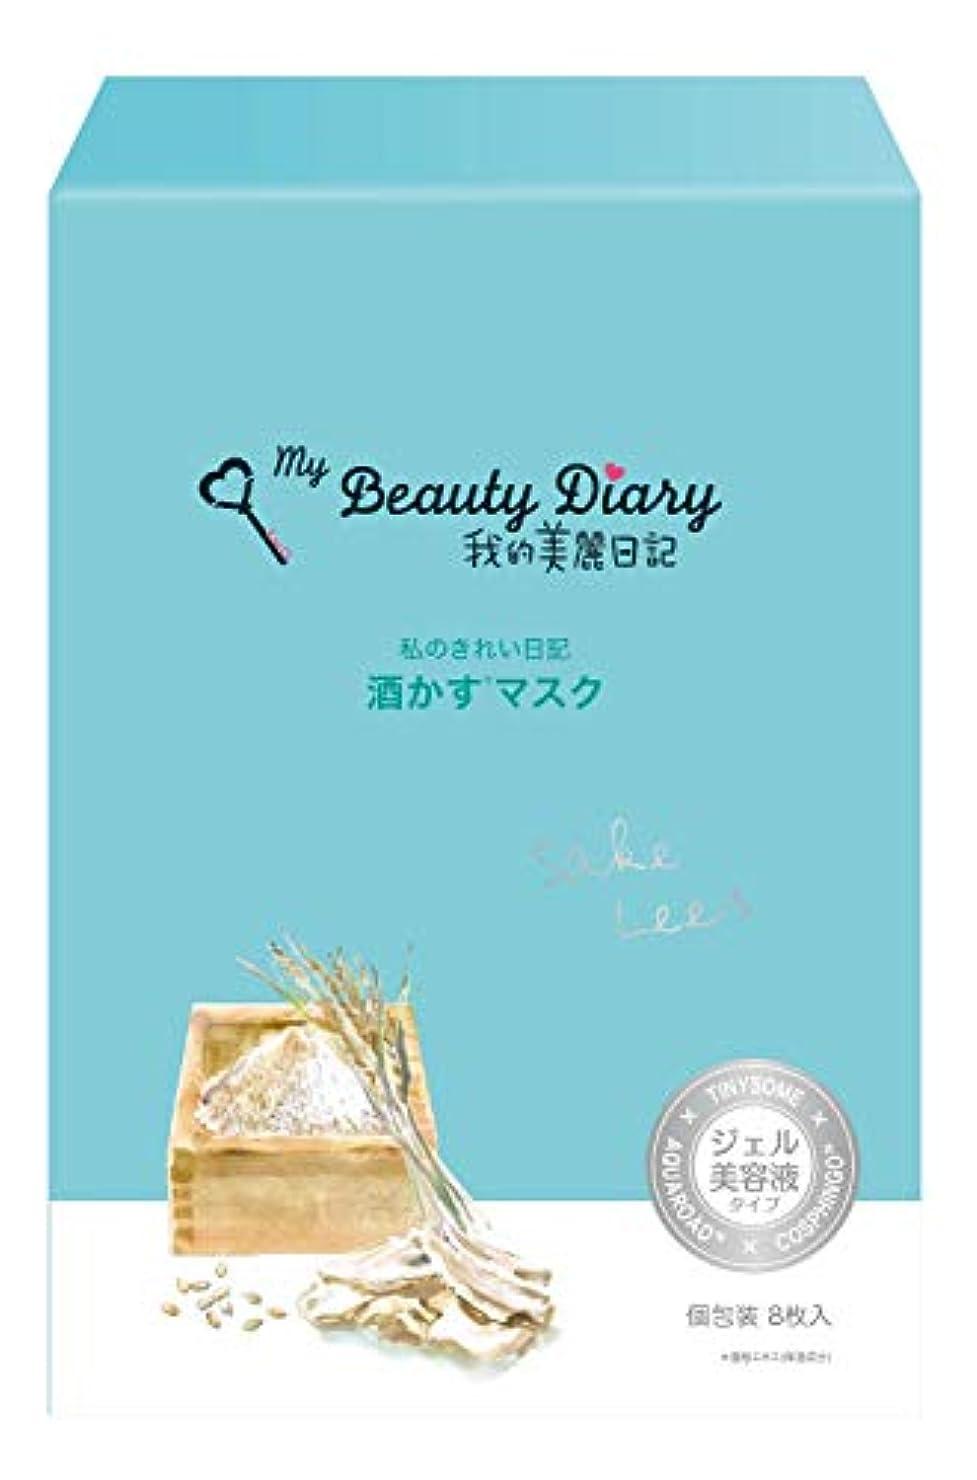 マーキー薄めるカートン我的美麗日記-私のきれい日記- 酒かすマスク 8枚入